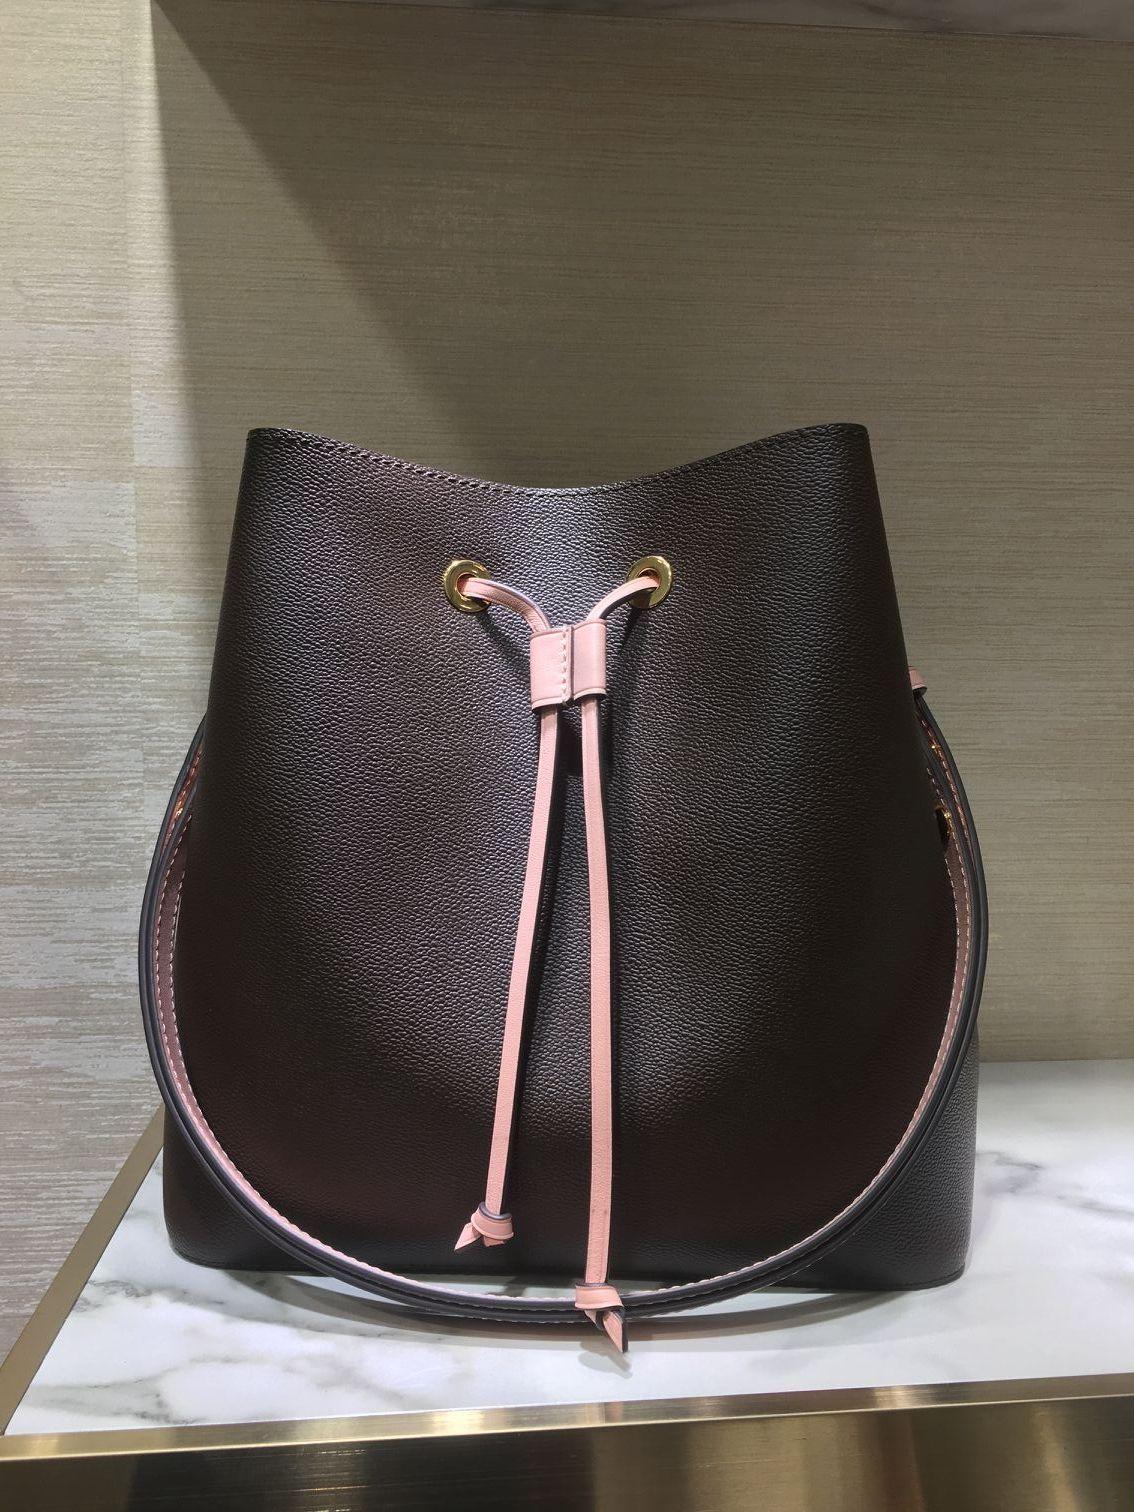 Toptan orignal gerçek deri moda ünlü omuz çantası tote tasarımcı çanta presbiyopik alışveriş çanta messenger çanta neonoe kova çantası